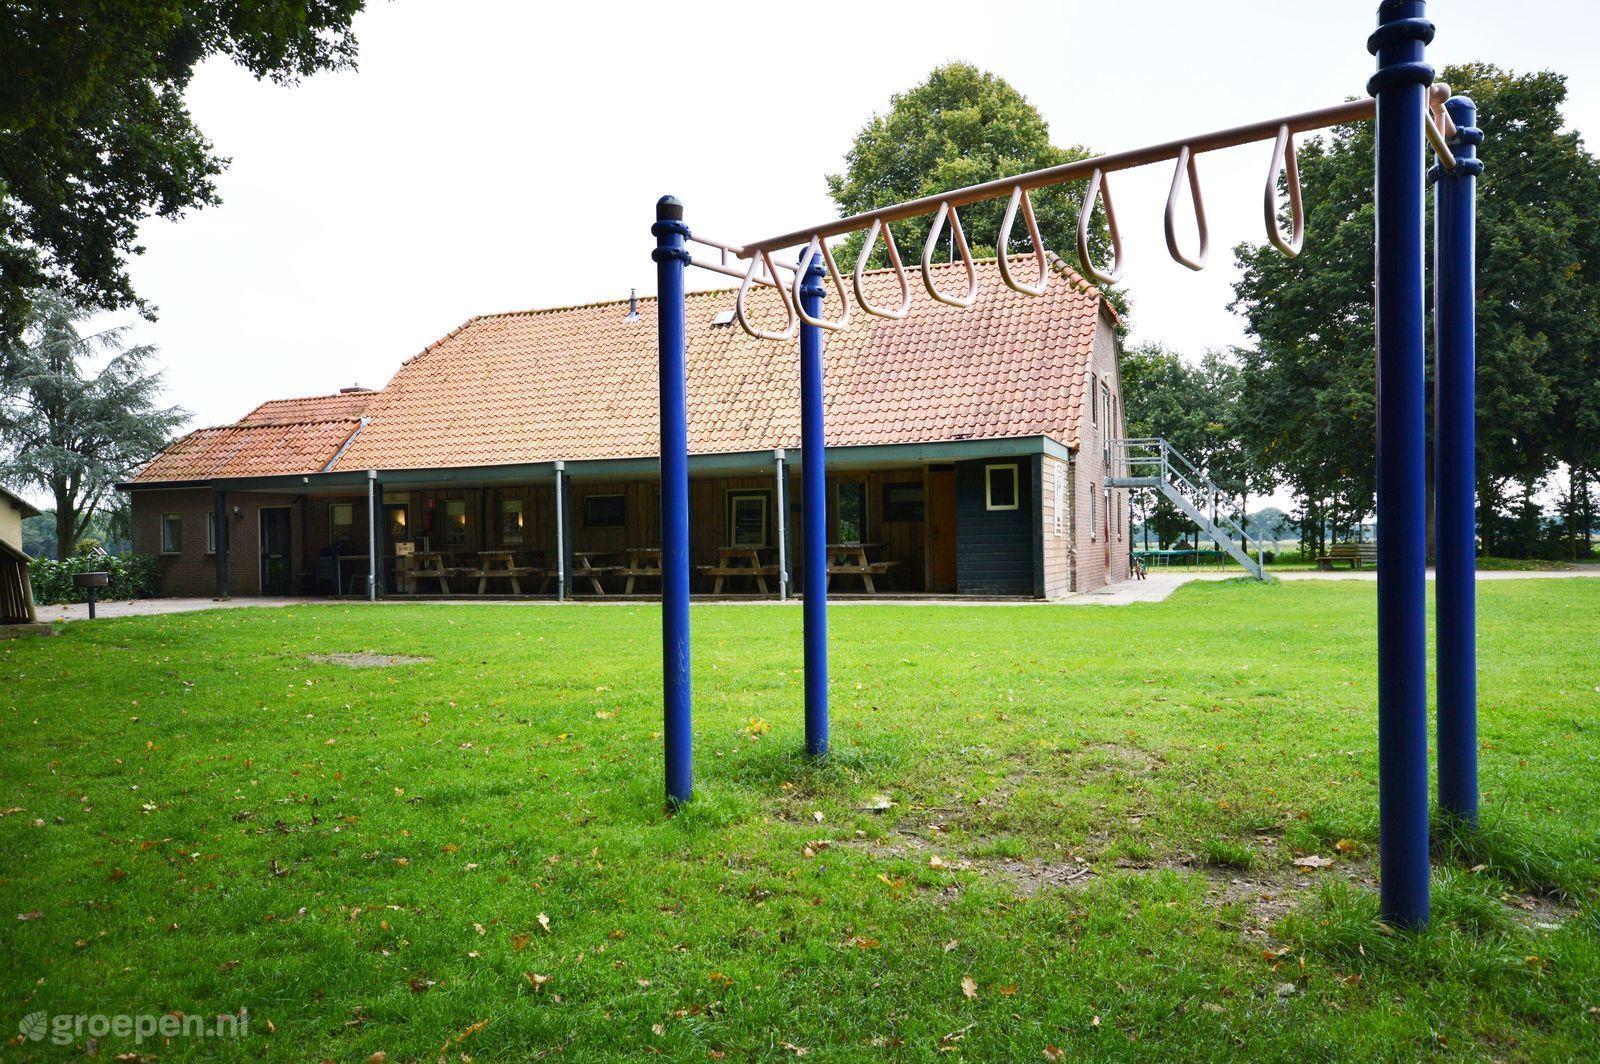 Vakantieboerderij Meerveld